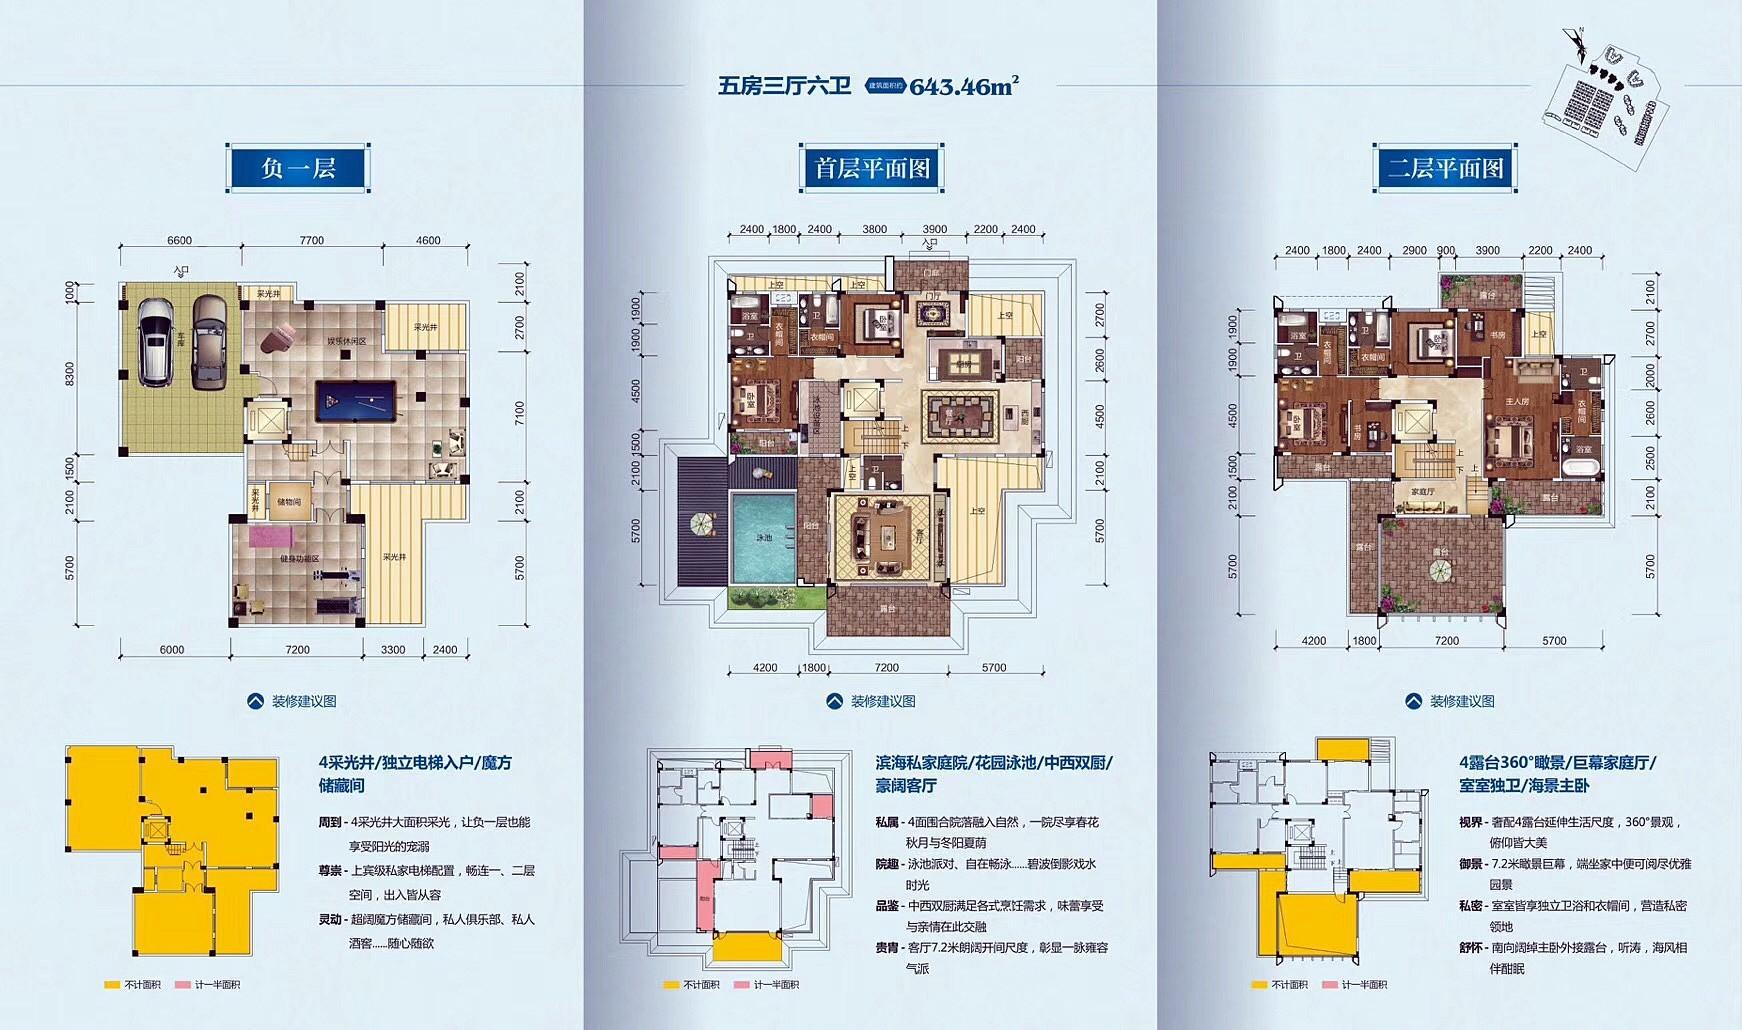 21-24#楼别墅户型 643.46.jpg